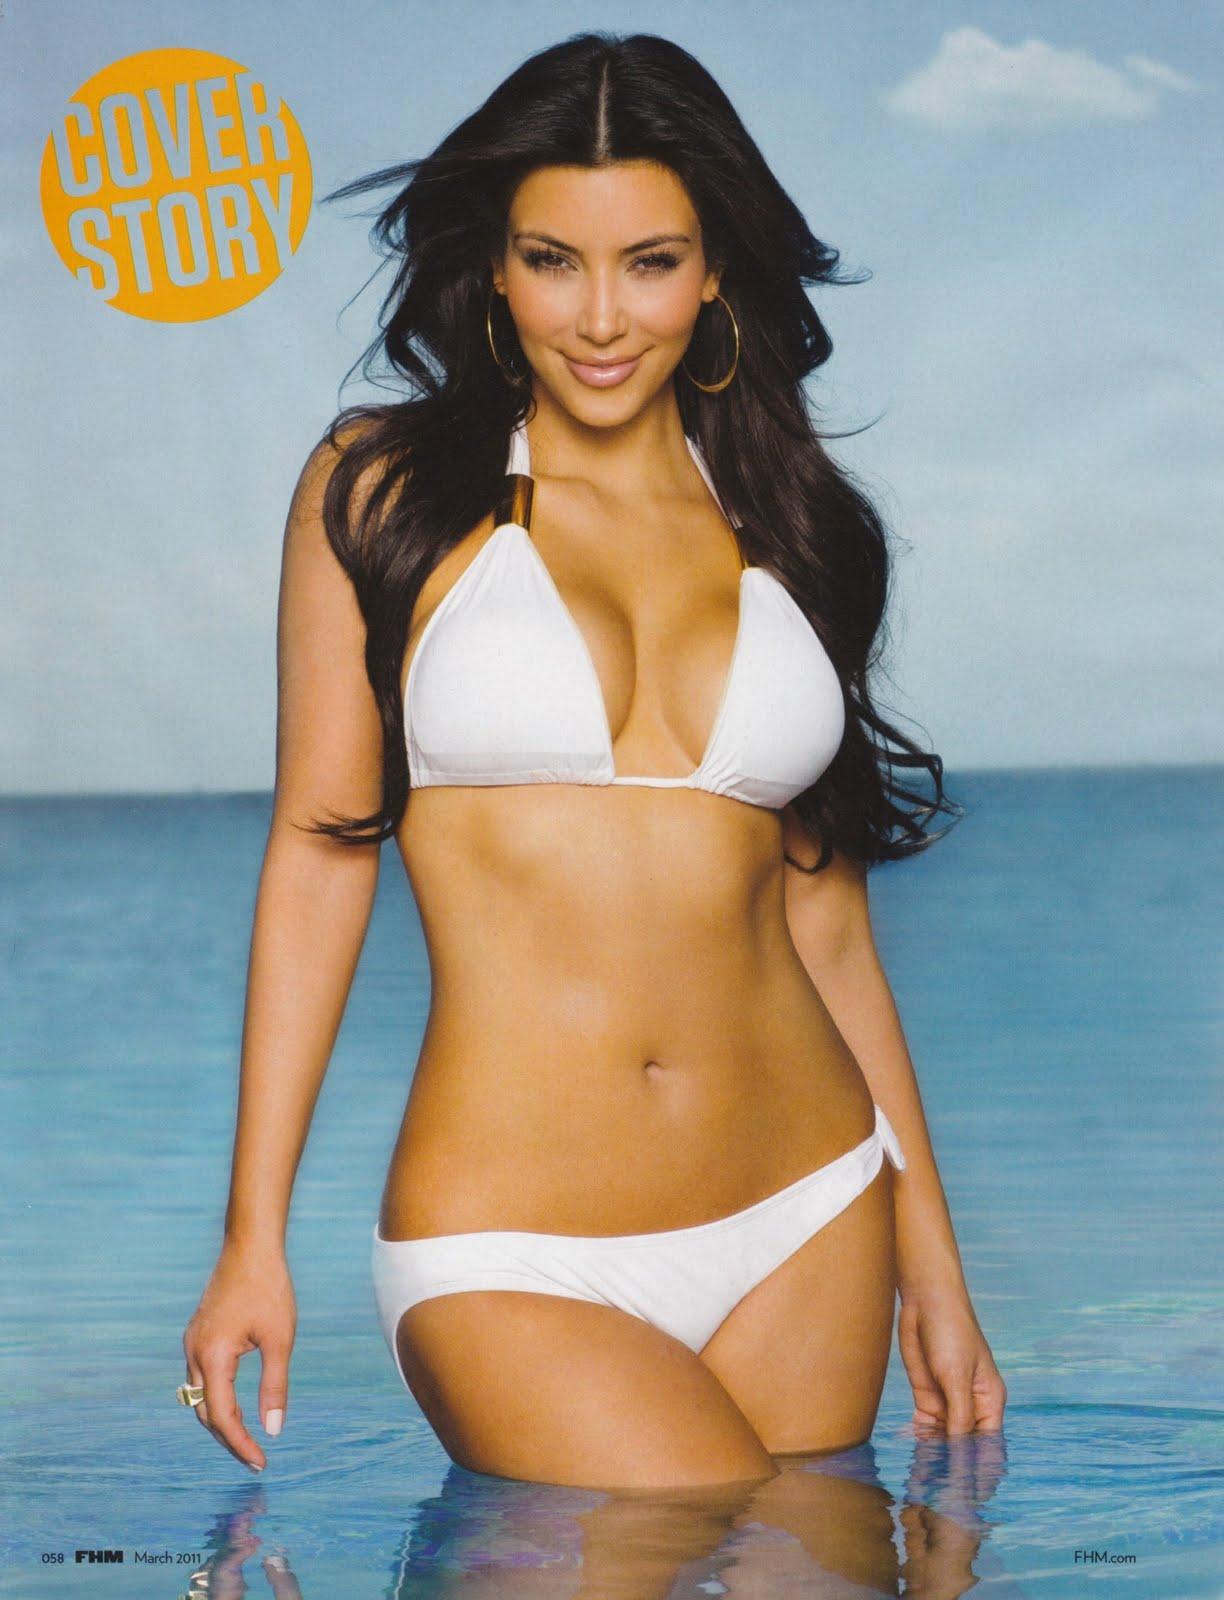 http://4.bp.blogspot.com/_qrmD8jCqKjE/TUmqrdffbiI/AAAAAAAAPRM/xZIeG0LpcrY/s1600/Kim-Kardashian-Bikini-2011-1.jpg